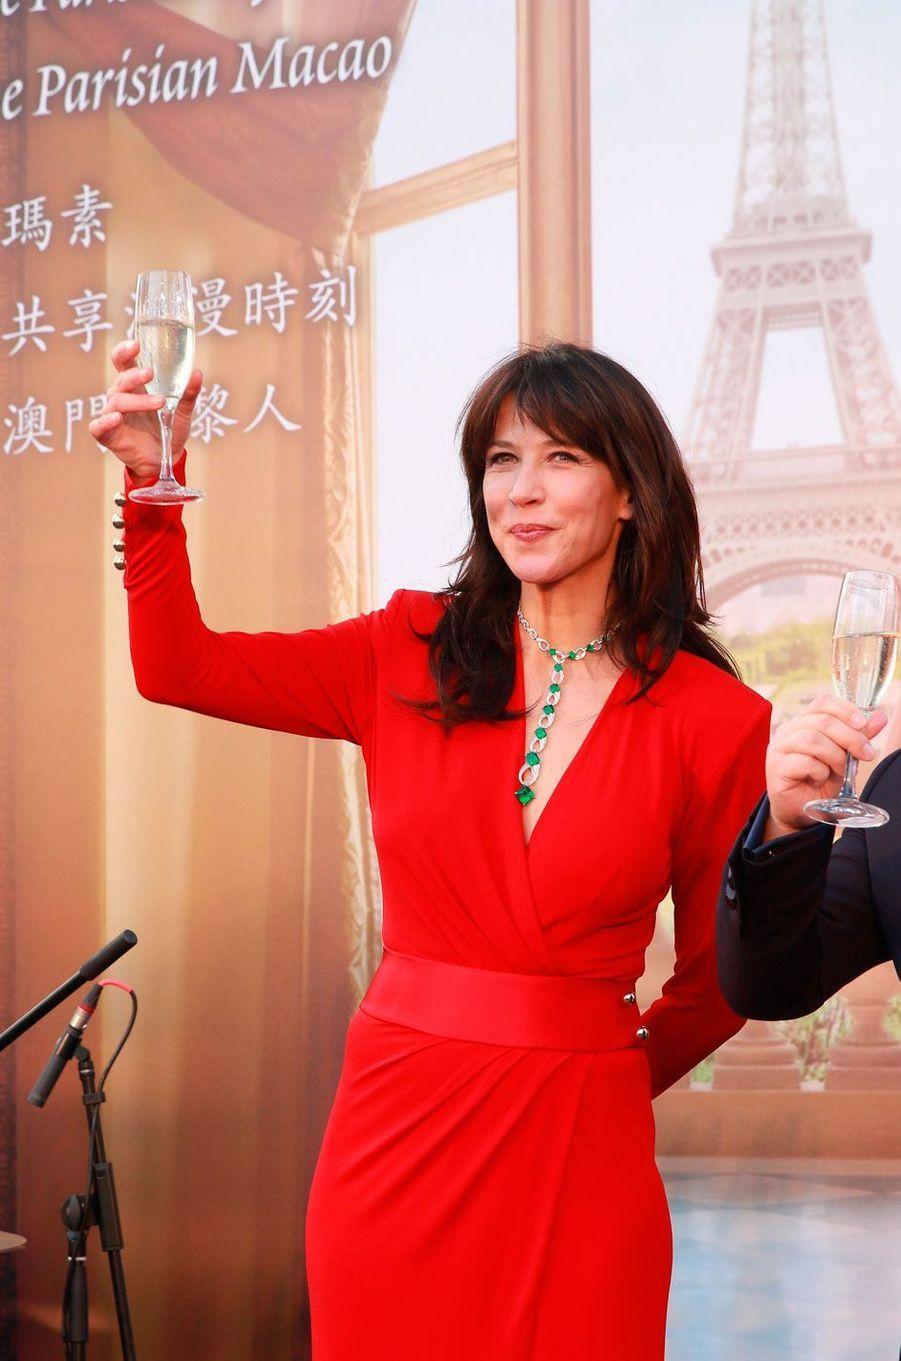 Sophie Marceau est présente à Macao pour animer une soirée